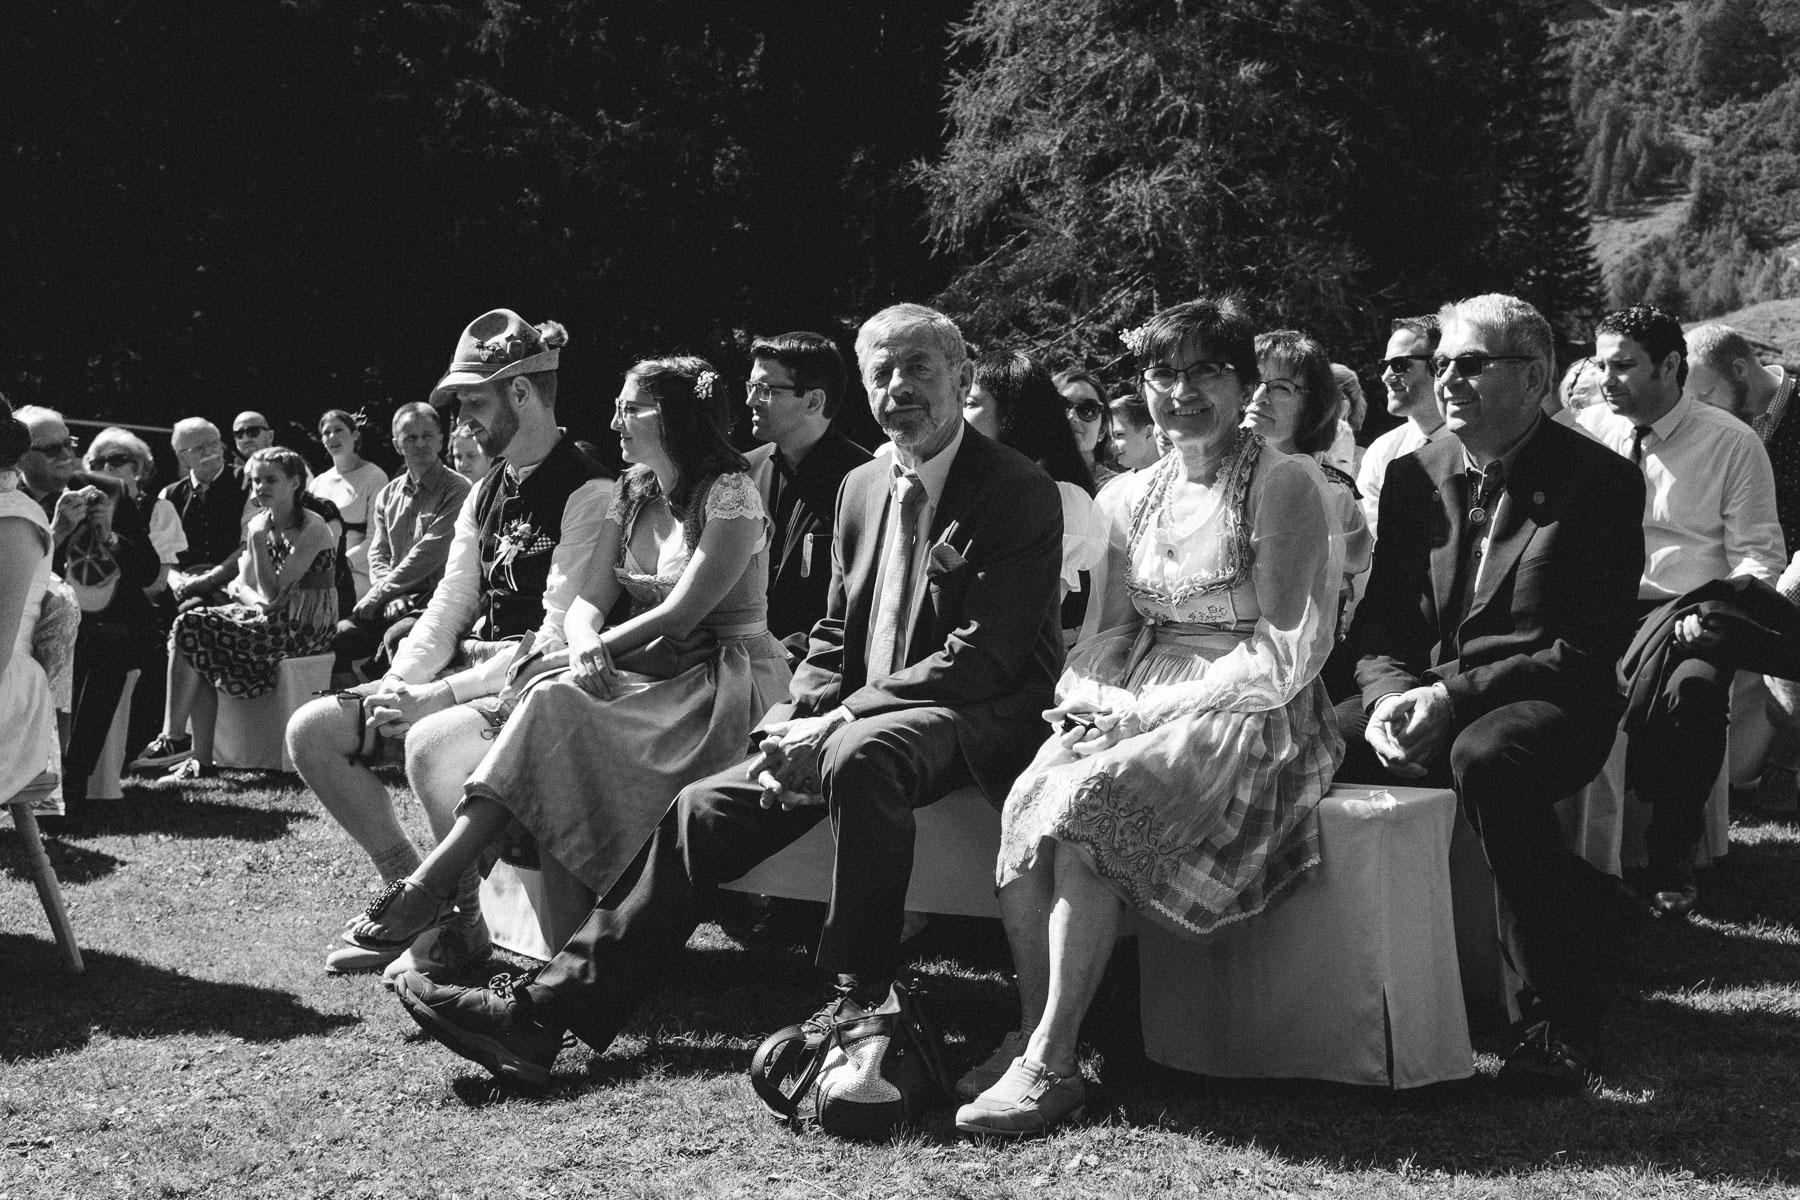 MartinLiebl_Hochzeitsfotograf_DPH_Blog_40.jpg